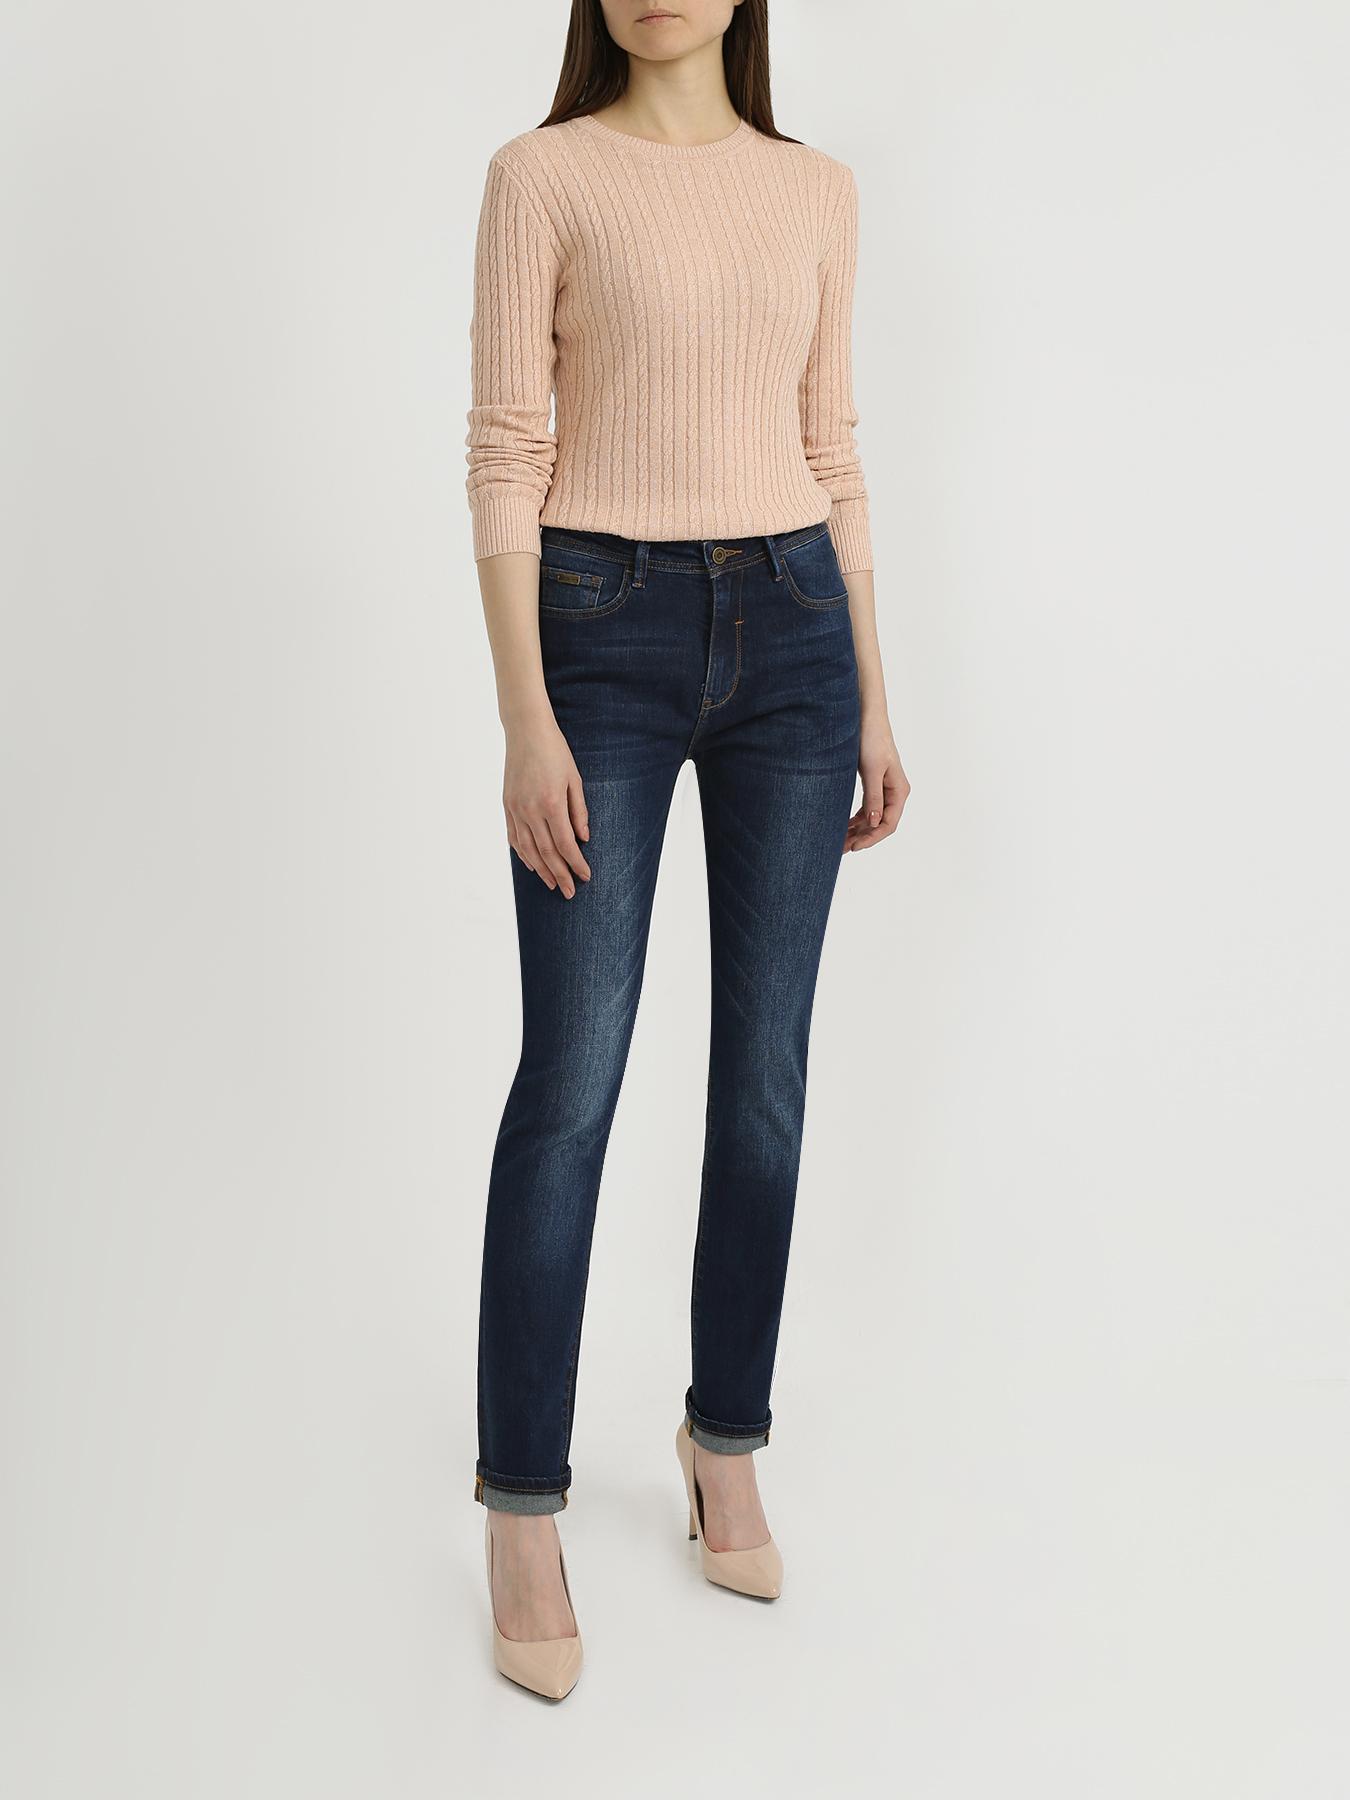 Брюки ORSA Orange Женские джинсы